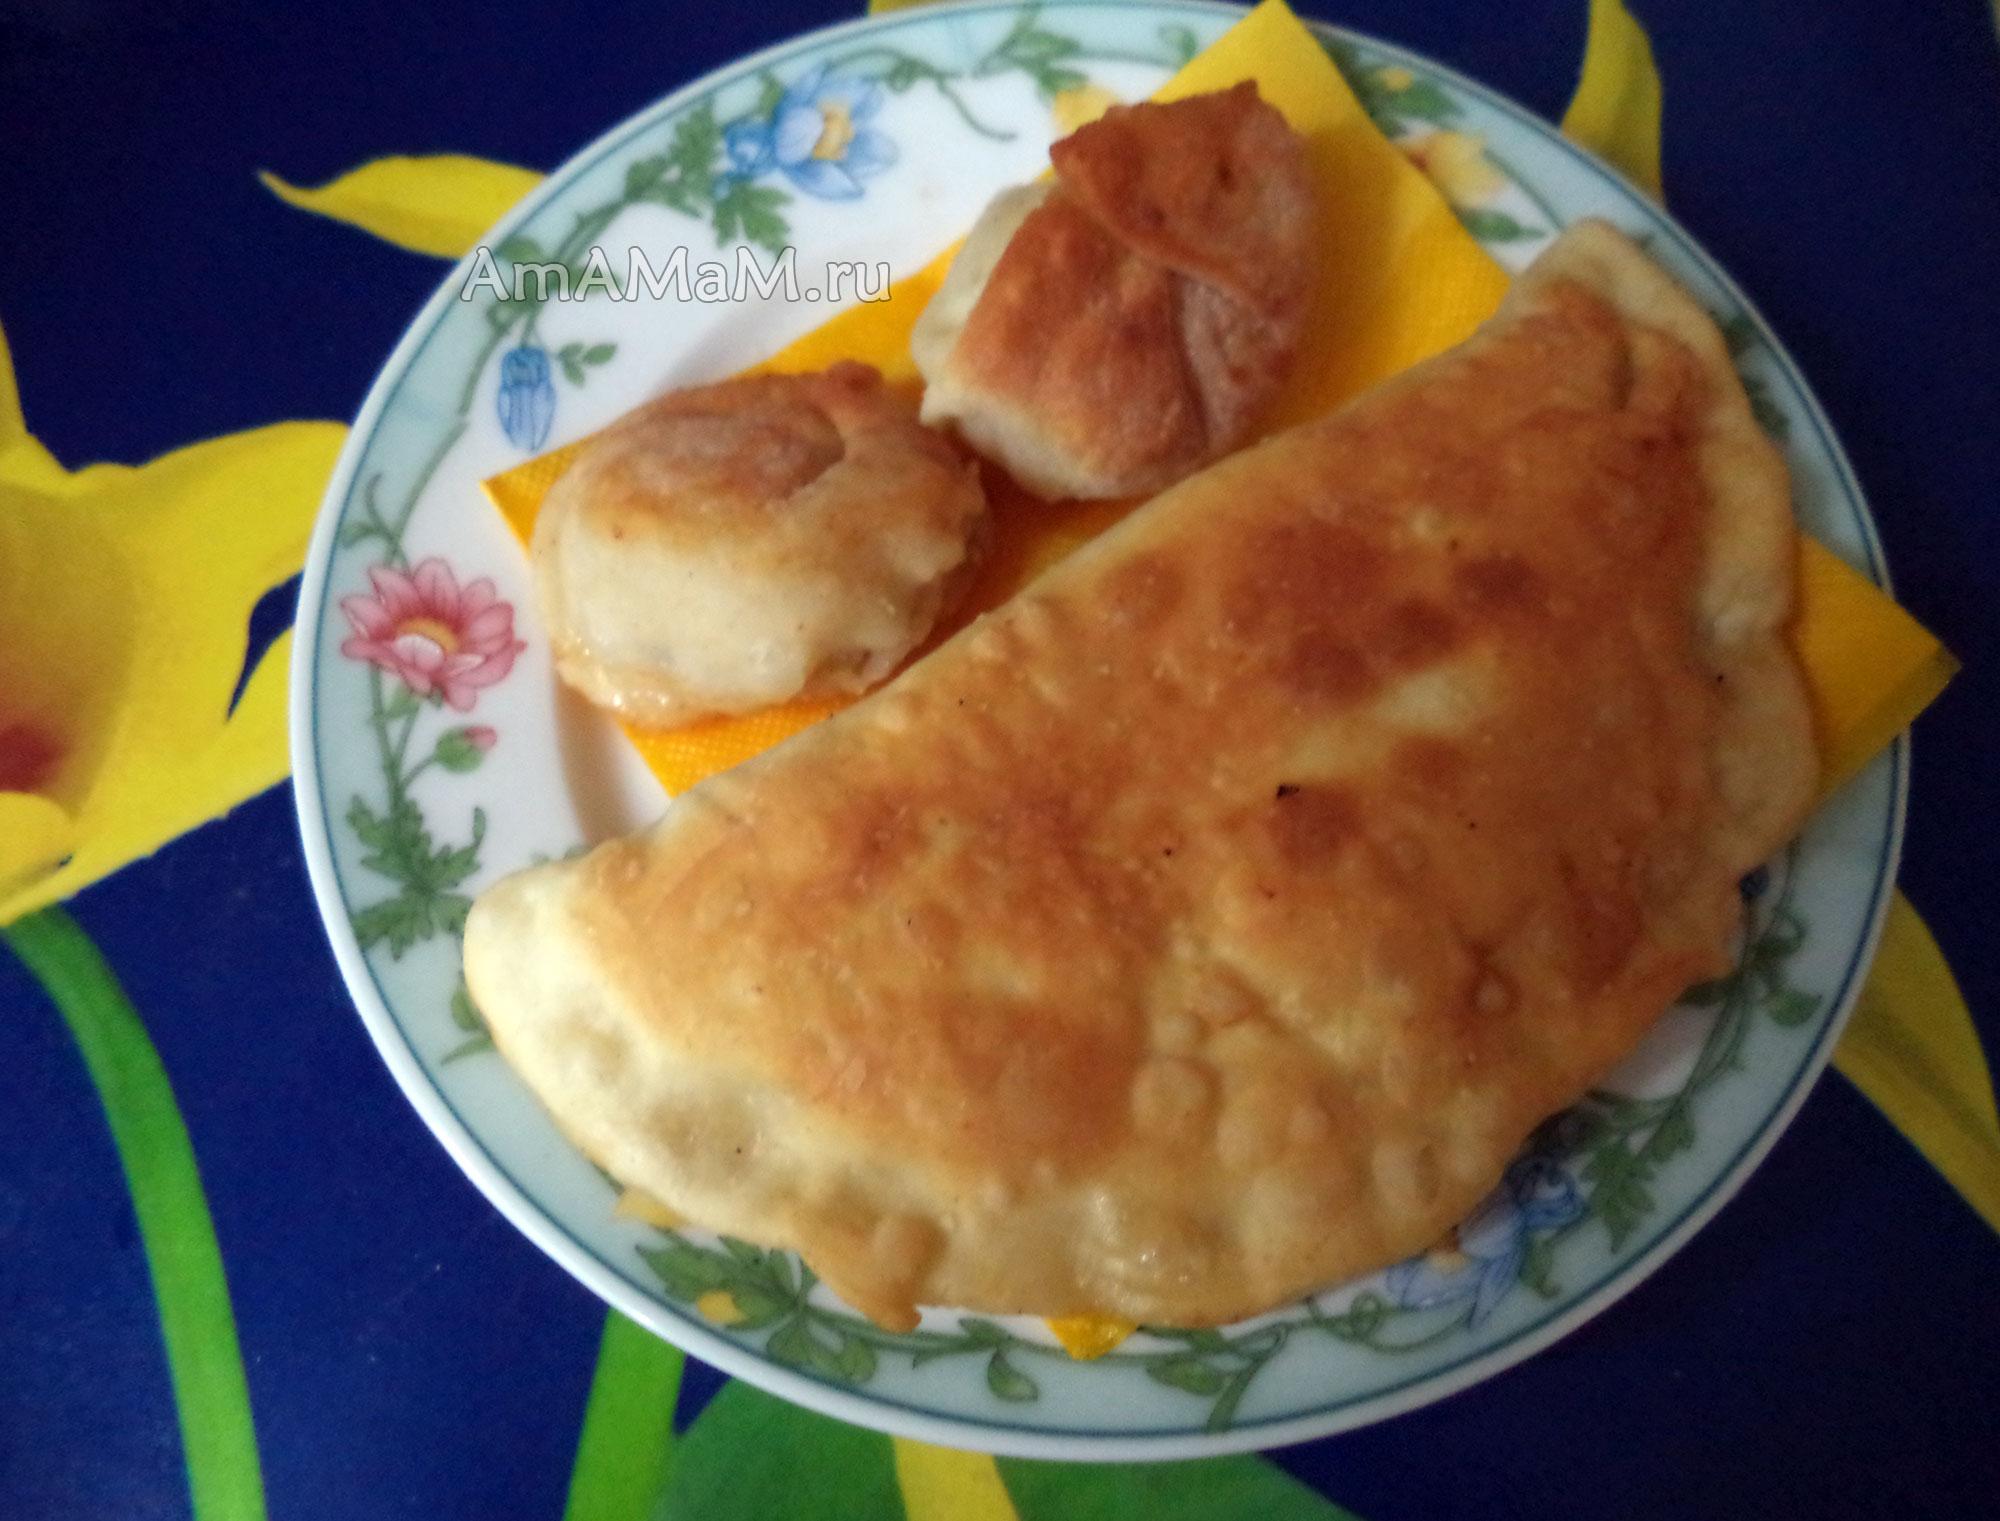 Чебуреки на сыворотке с мясом пошаговый рецепт с фото